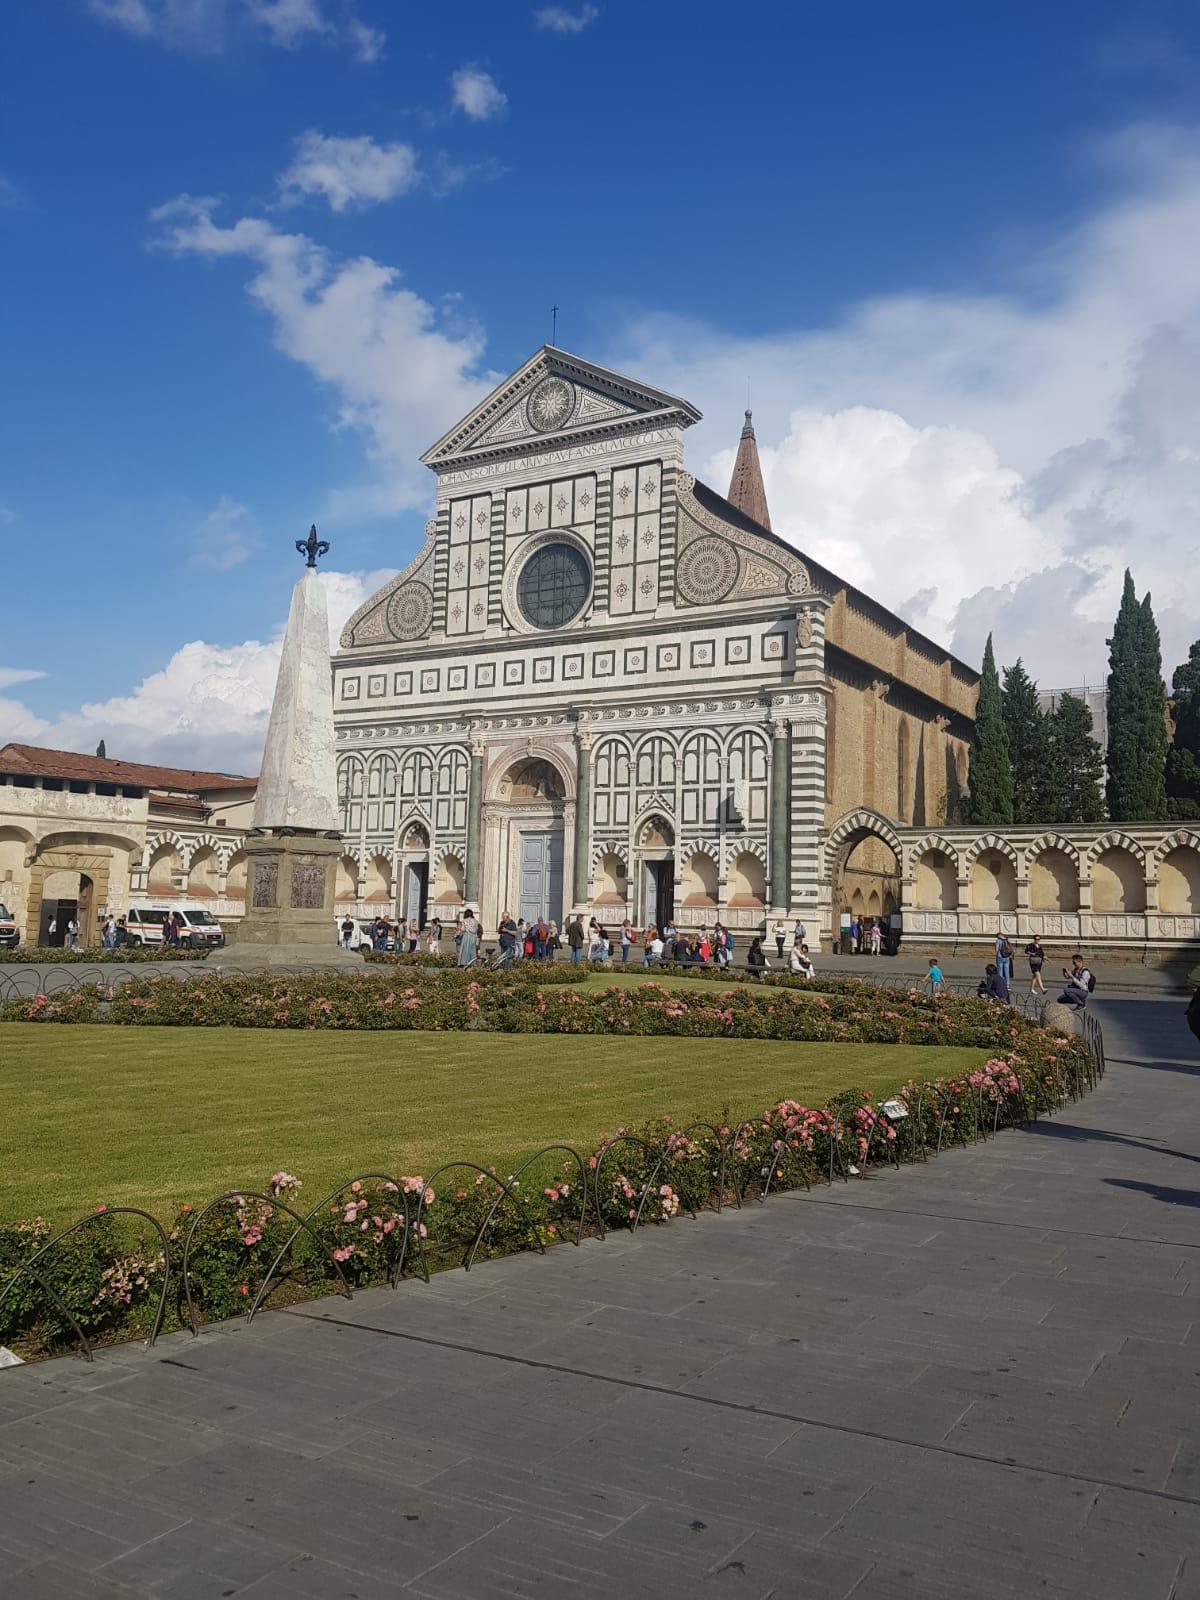 Firenze una meravigliosa esperienza di due giorni. Basilica S, Croce